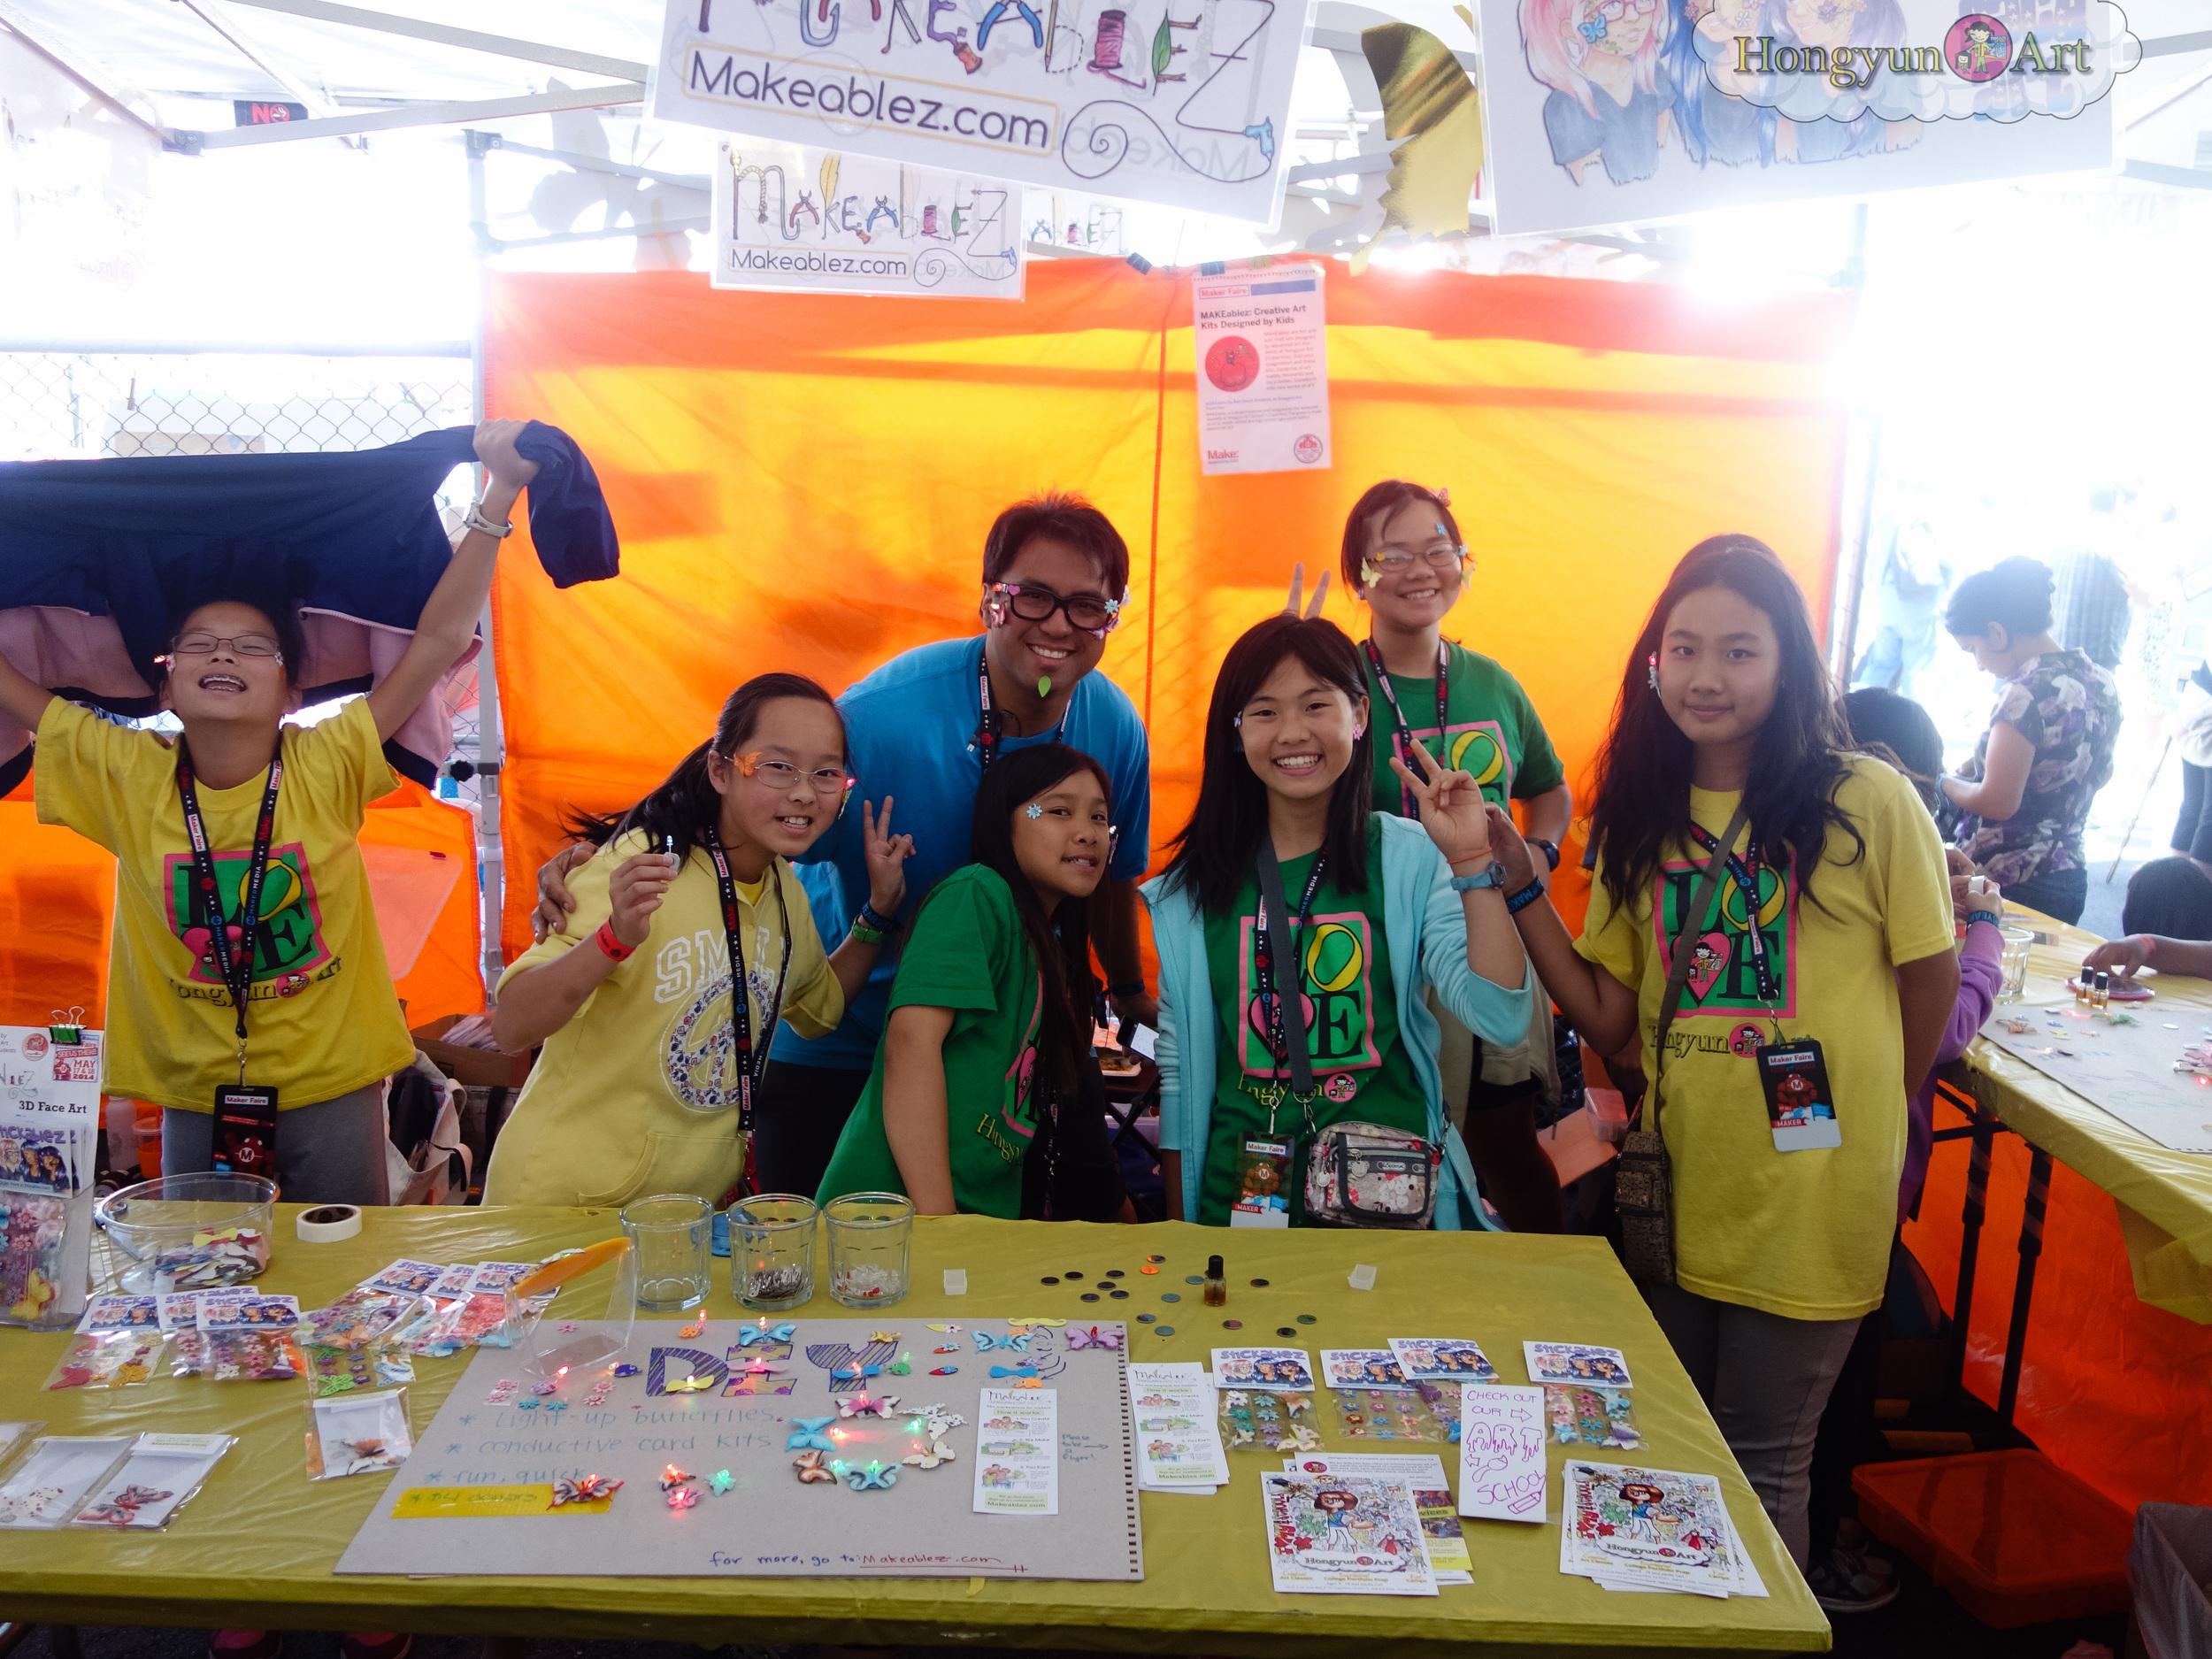 2014-05-Hongyun-Art-MakerFaire-196.jpg